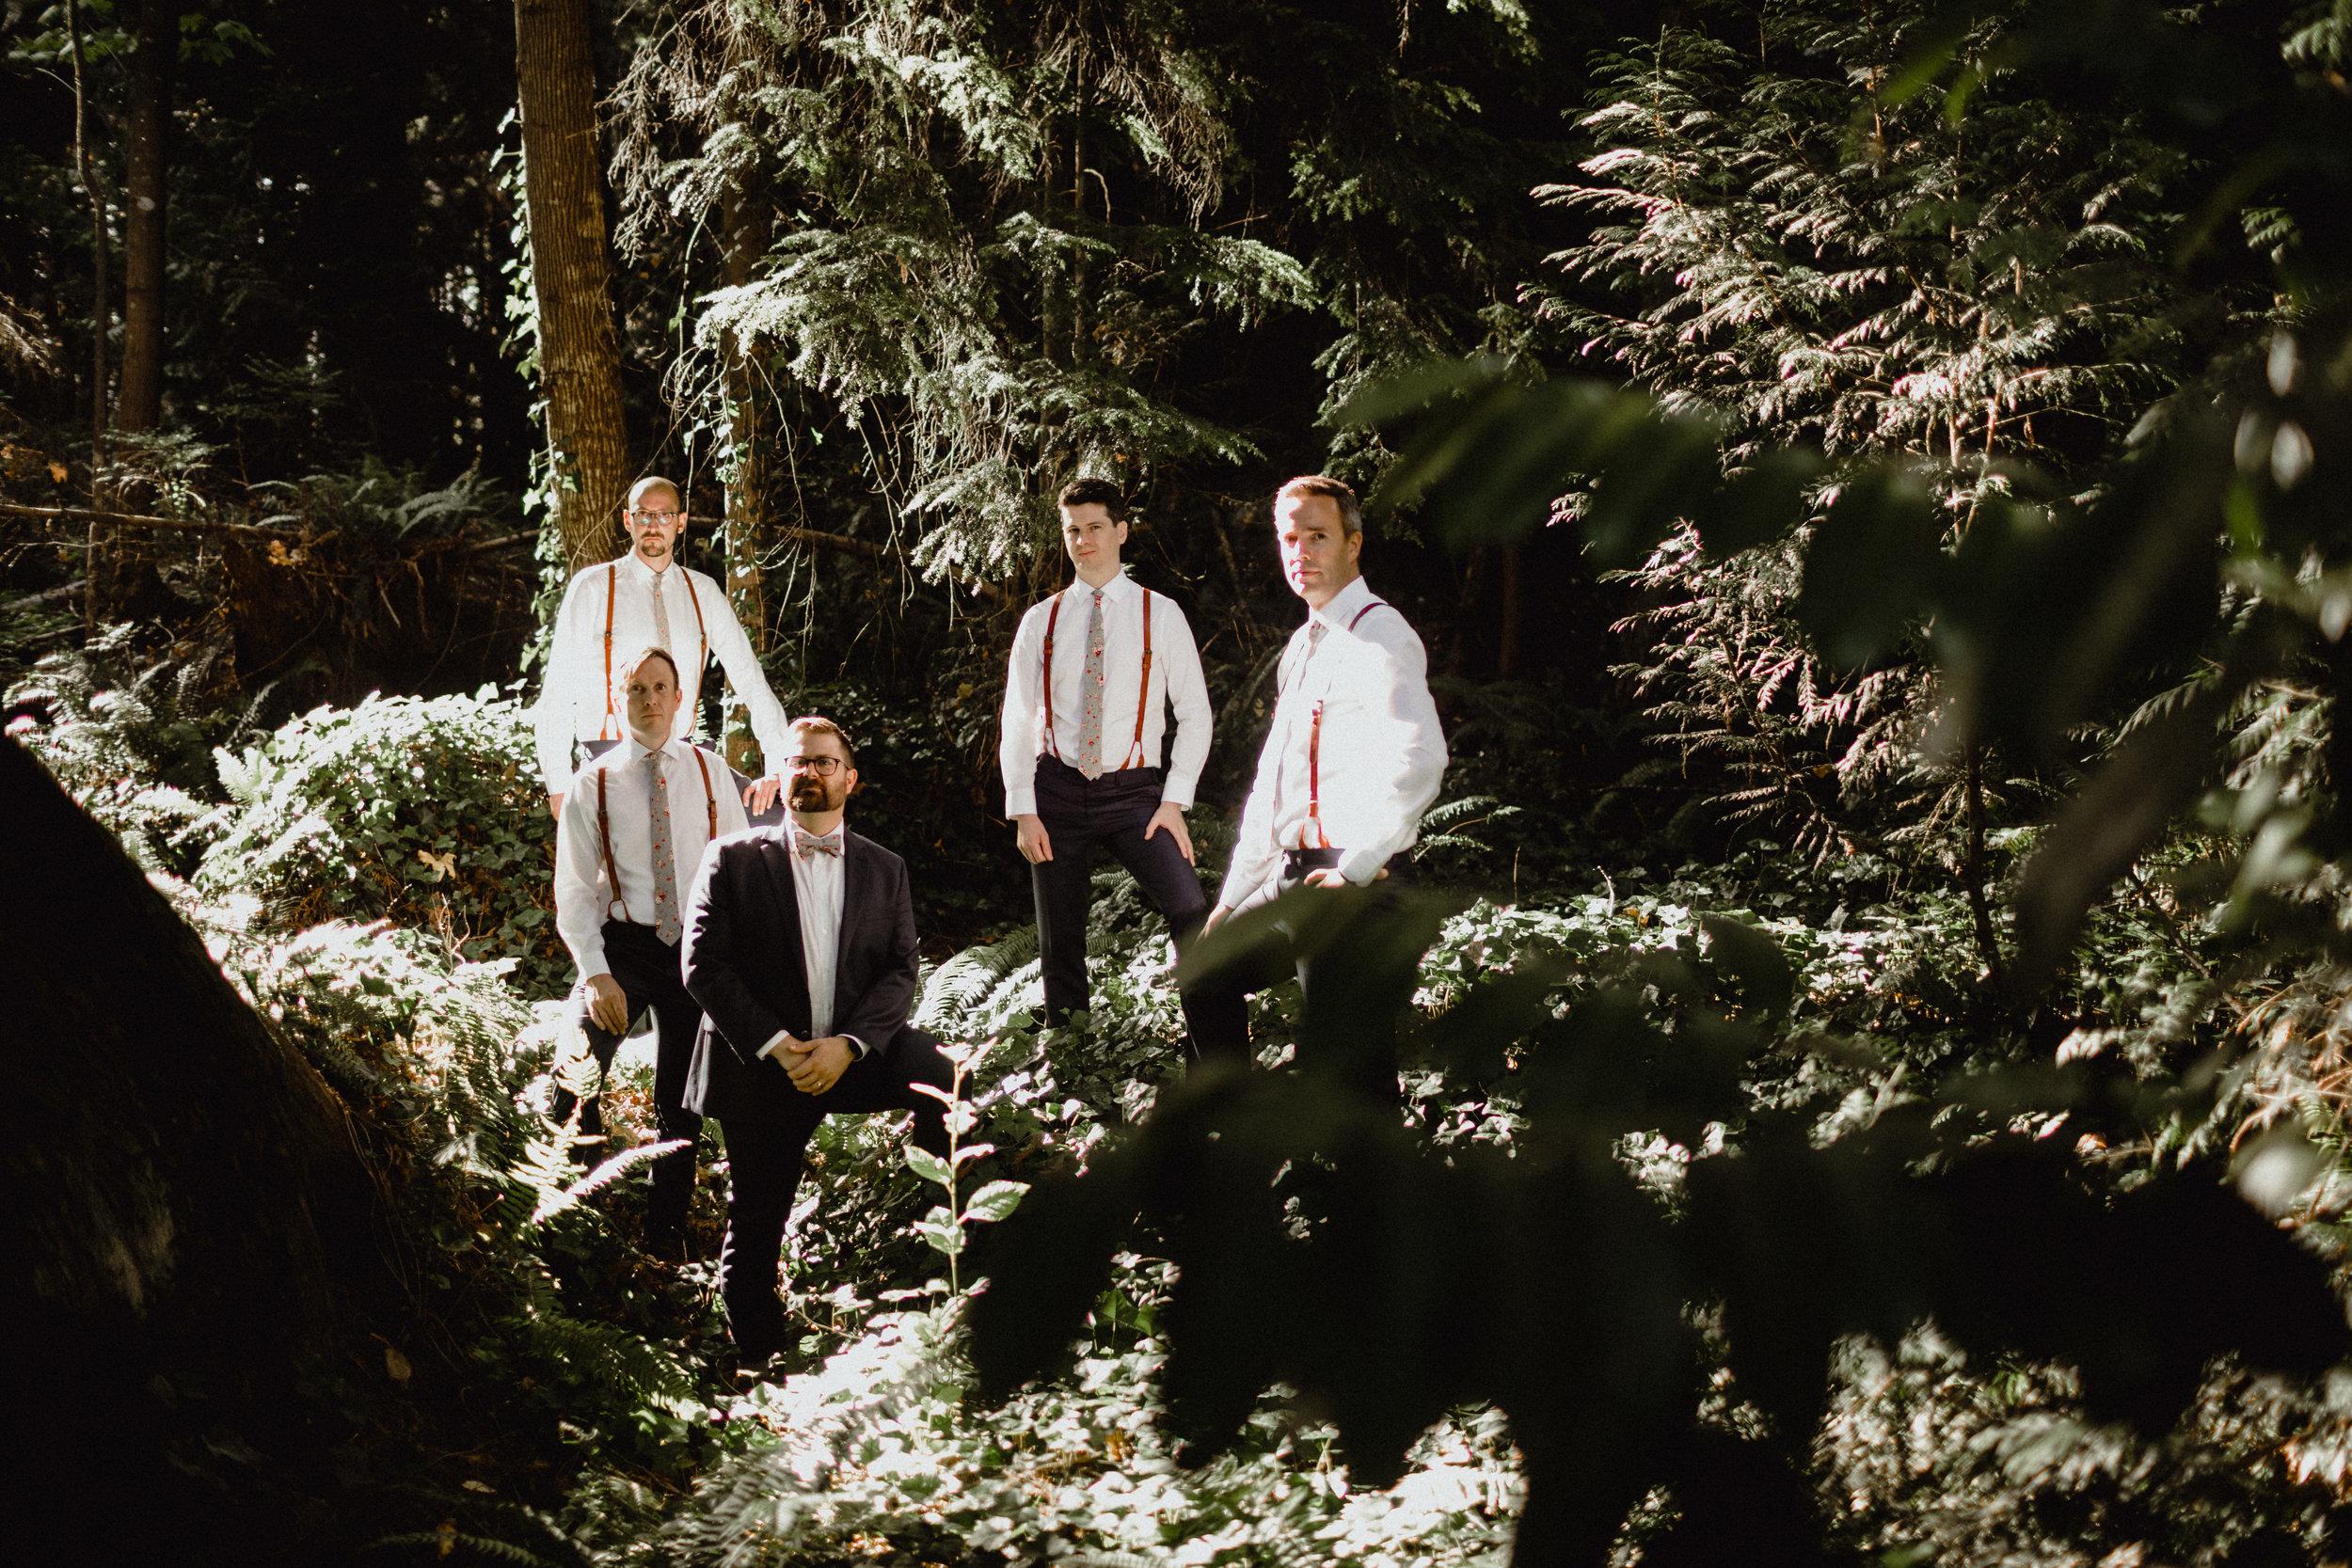 west-vancouver-backyard-wedding-167.jpg